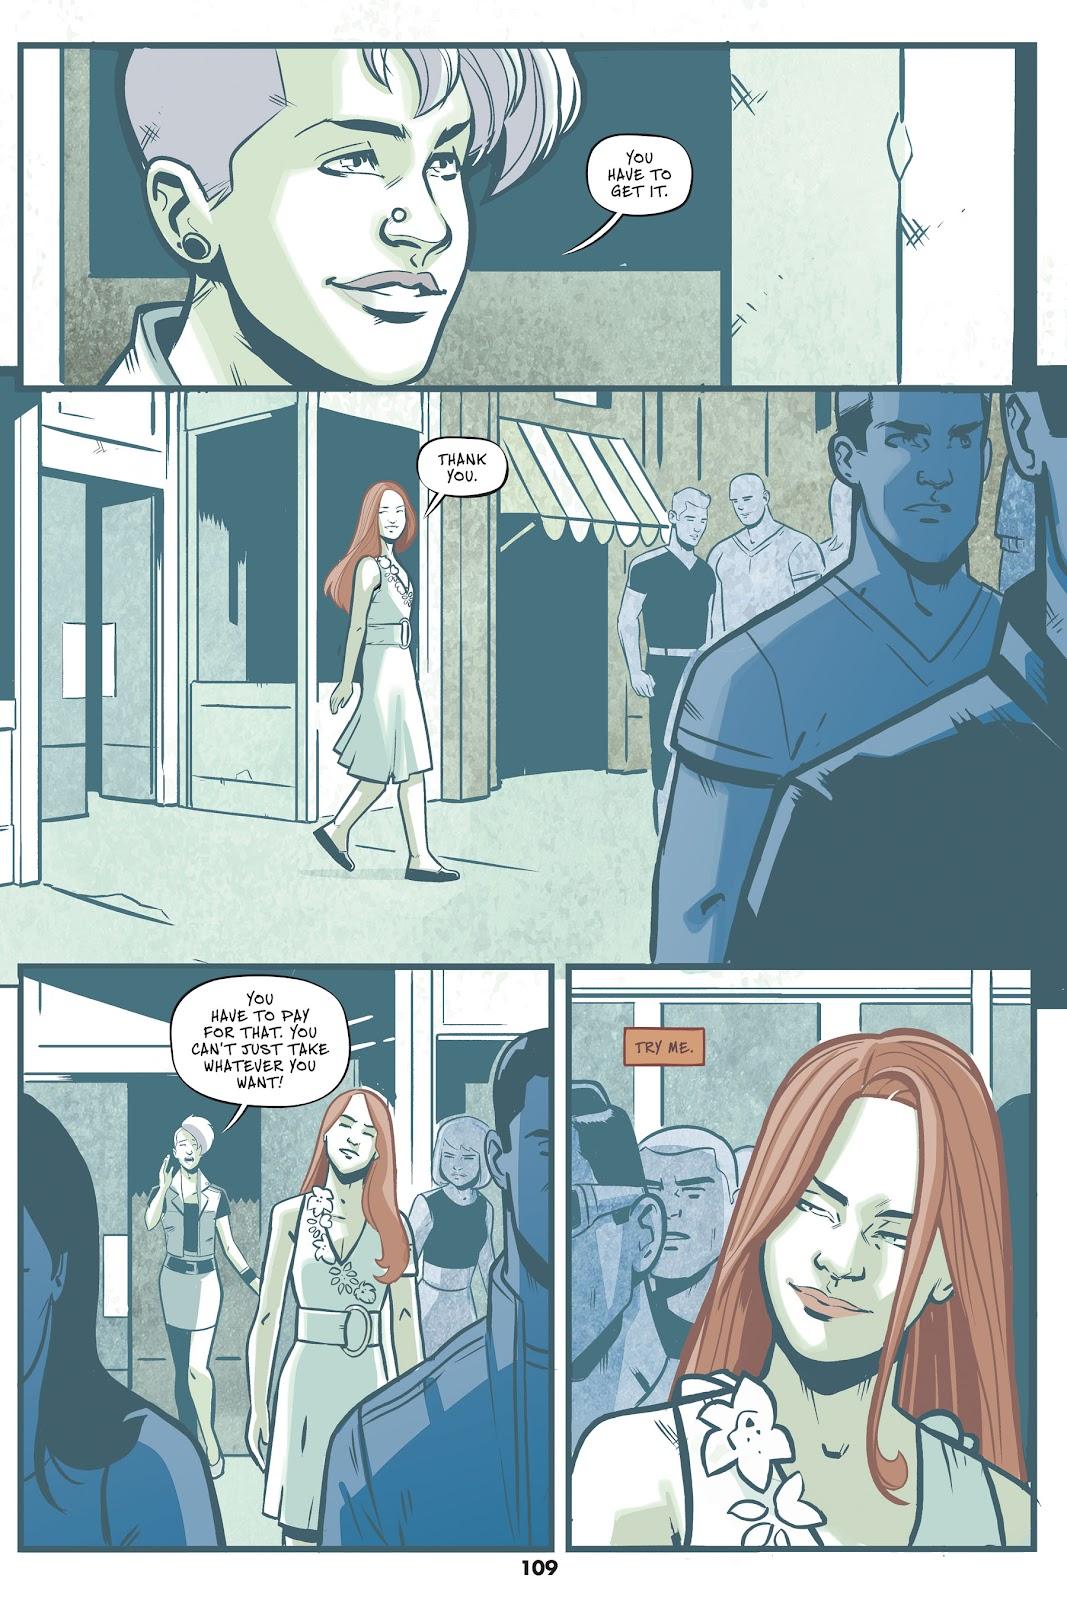 Read online Mera: Tidebreaker comic -  Issue # TPB (Part 2) - 9